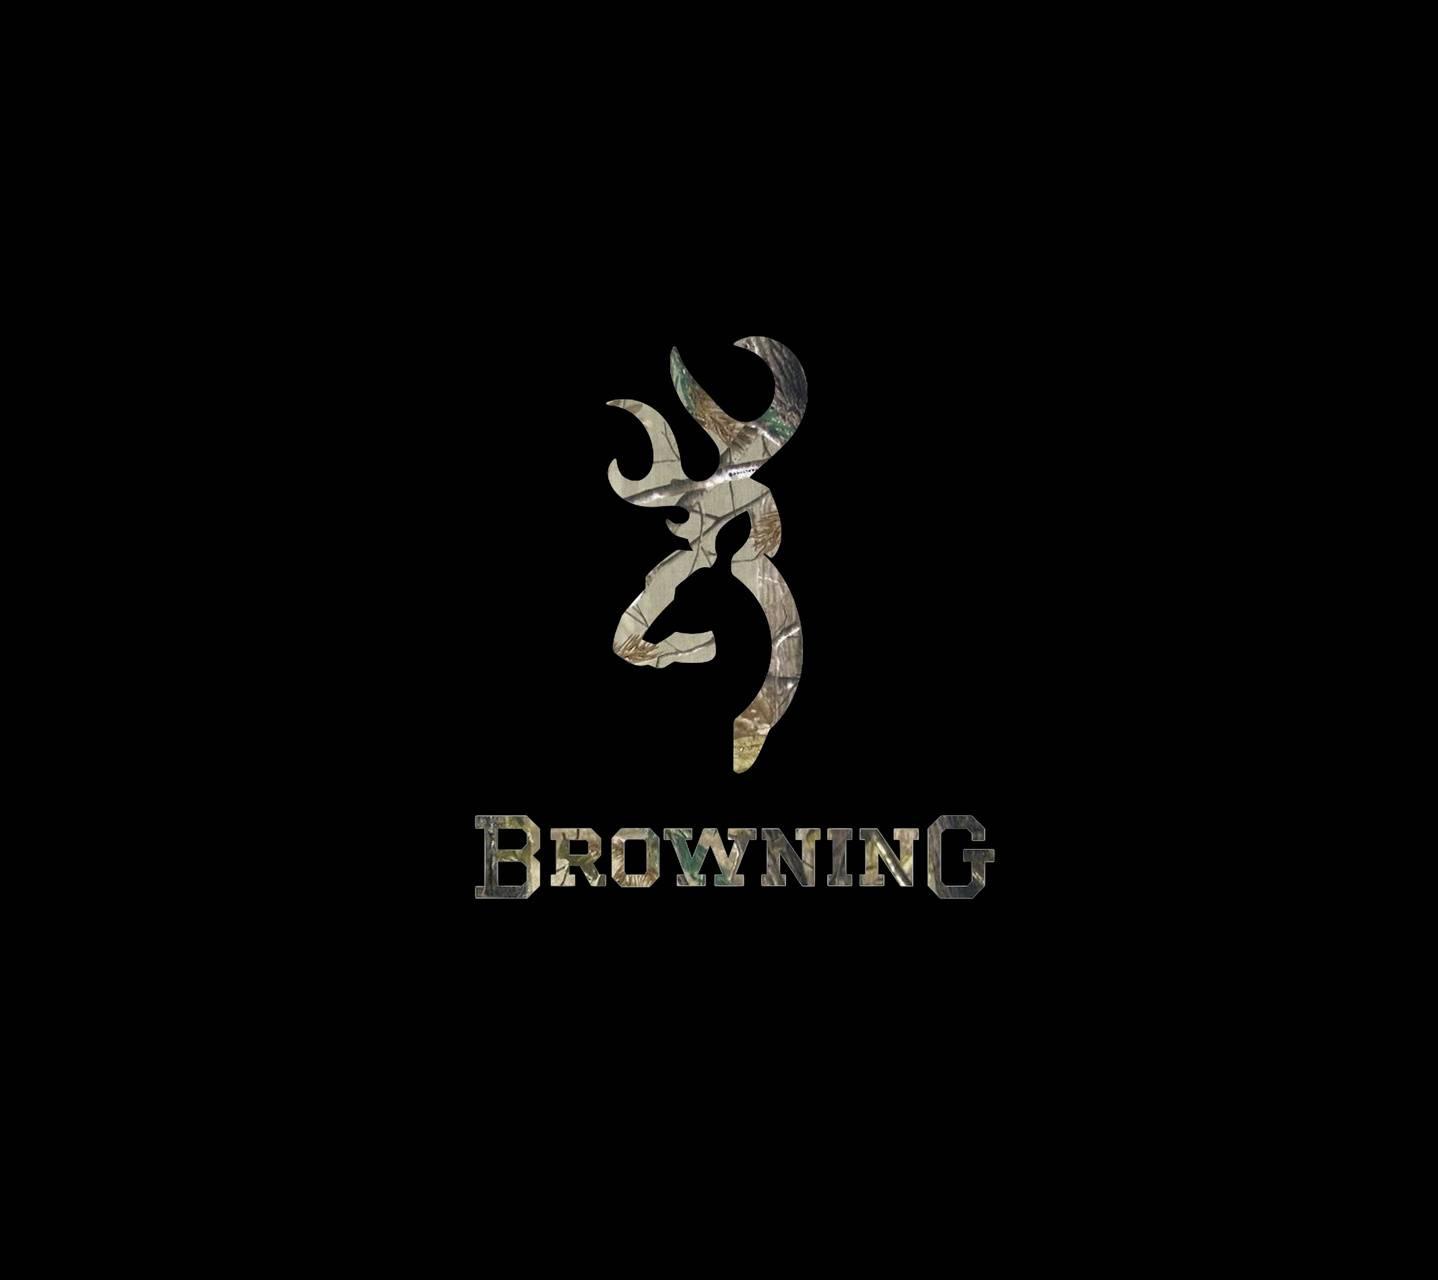 Browning Realtree